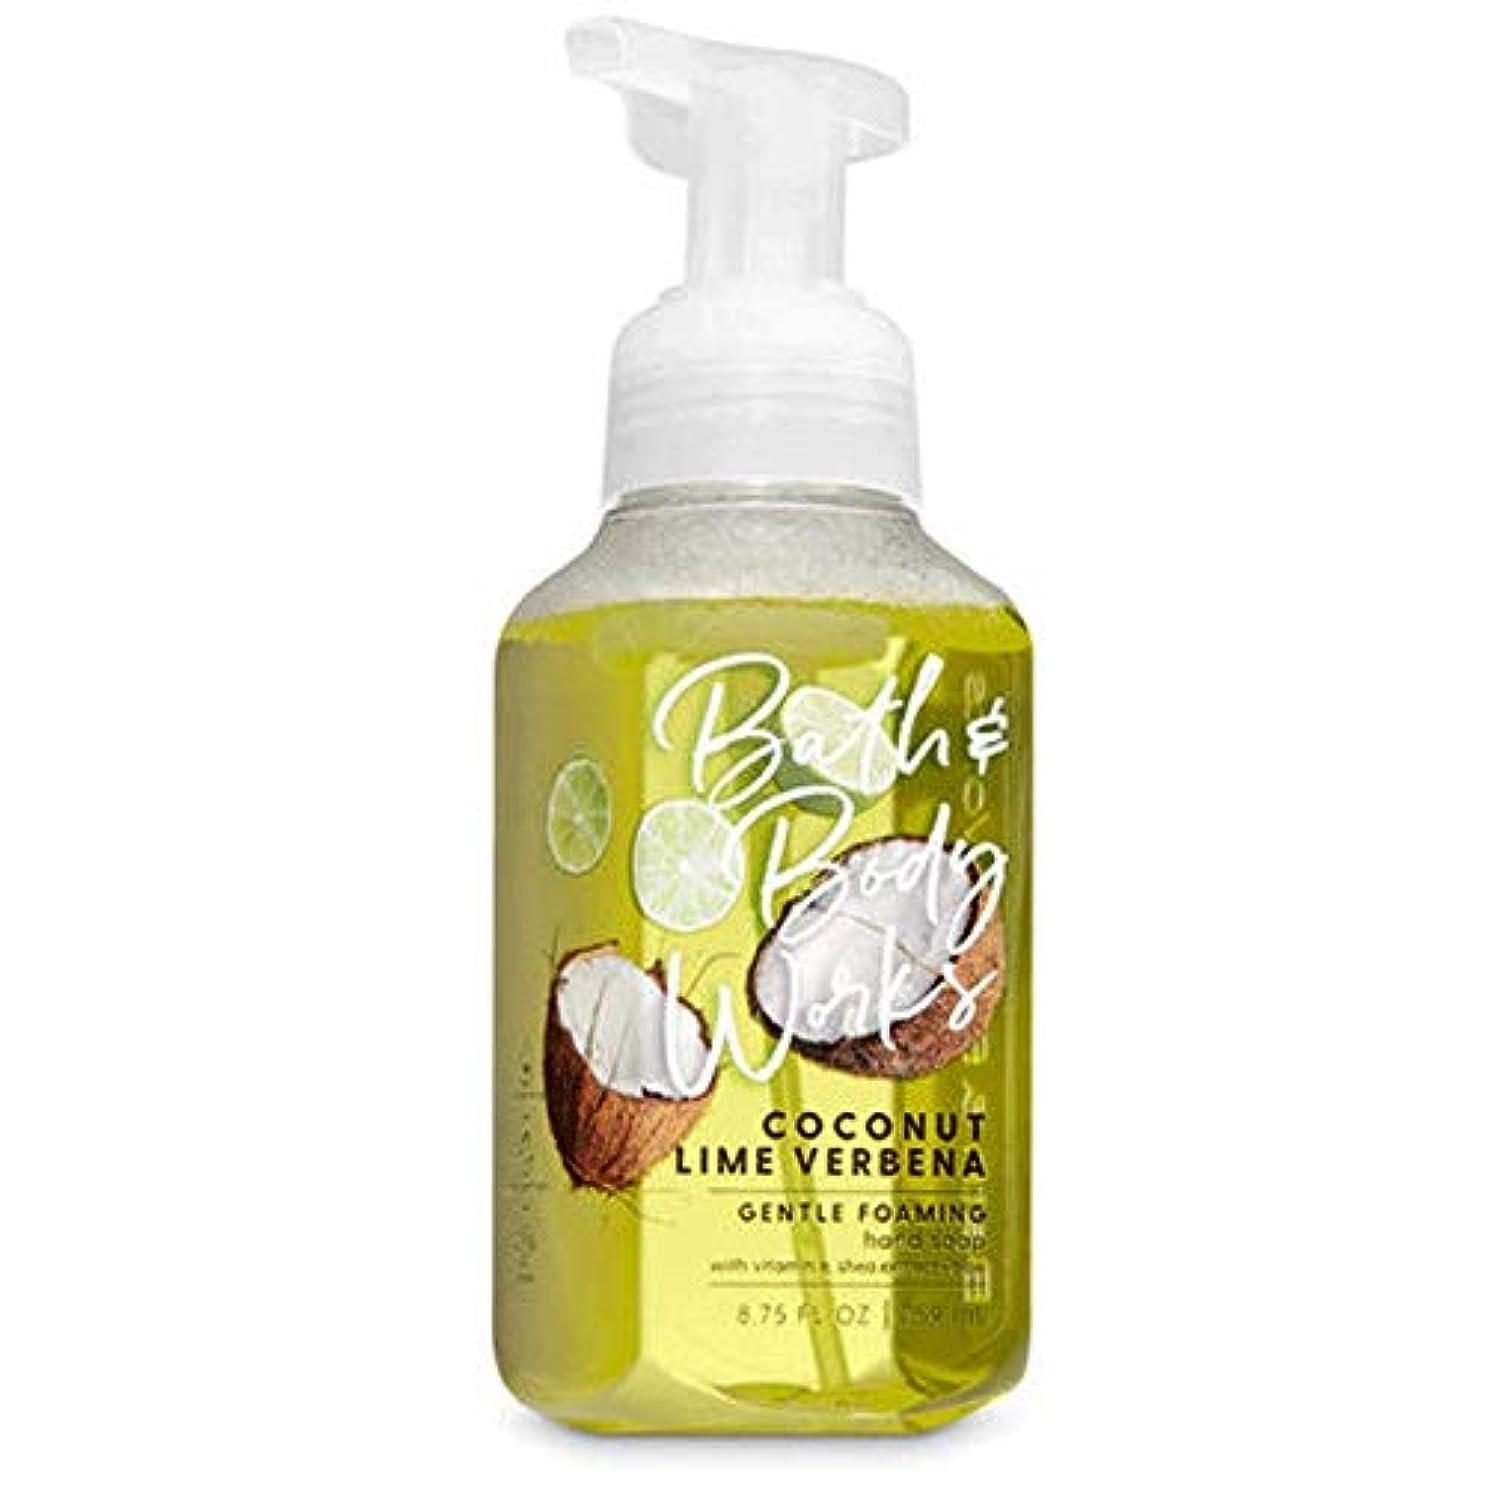 前書き謝罪する故障中バス&ボディワークス ココナッツライムバーベナ ジェントル フォーミング ハンドソープ Coconut Lime Verbena Gentle Foaming Hand Soap